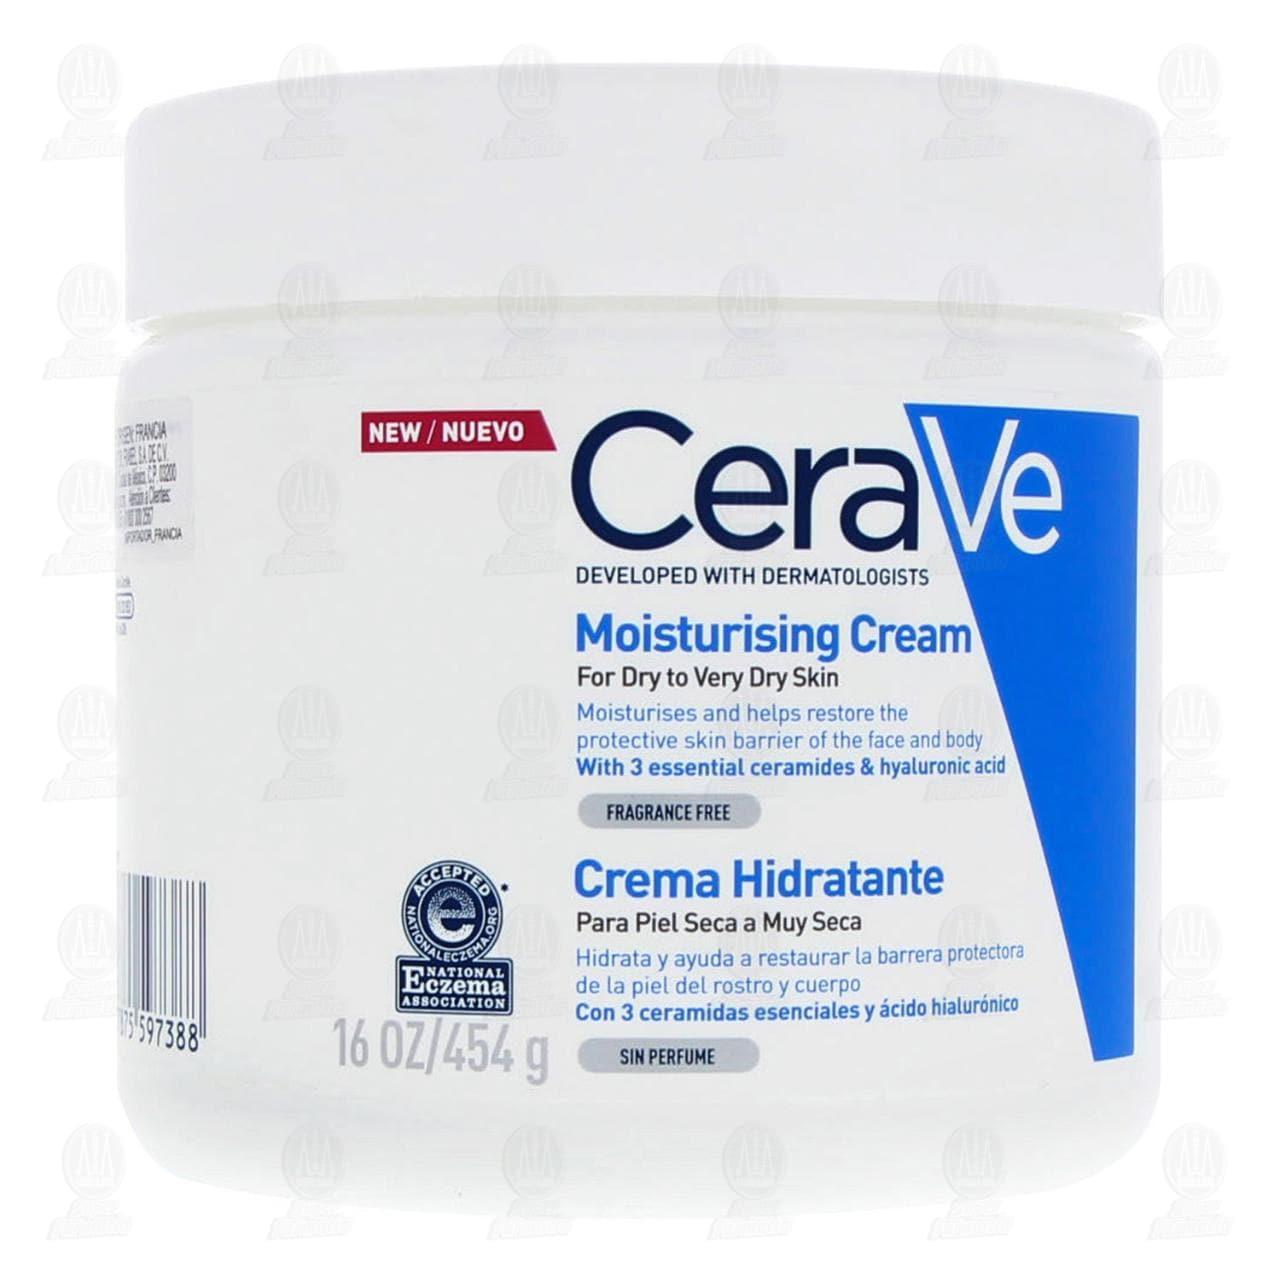 Comprar CeraVe Crema Hidratante, 454 gr. en Farmacias Guadalajara